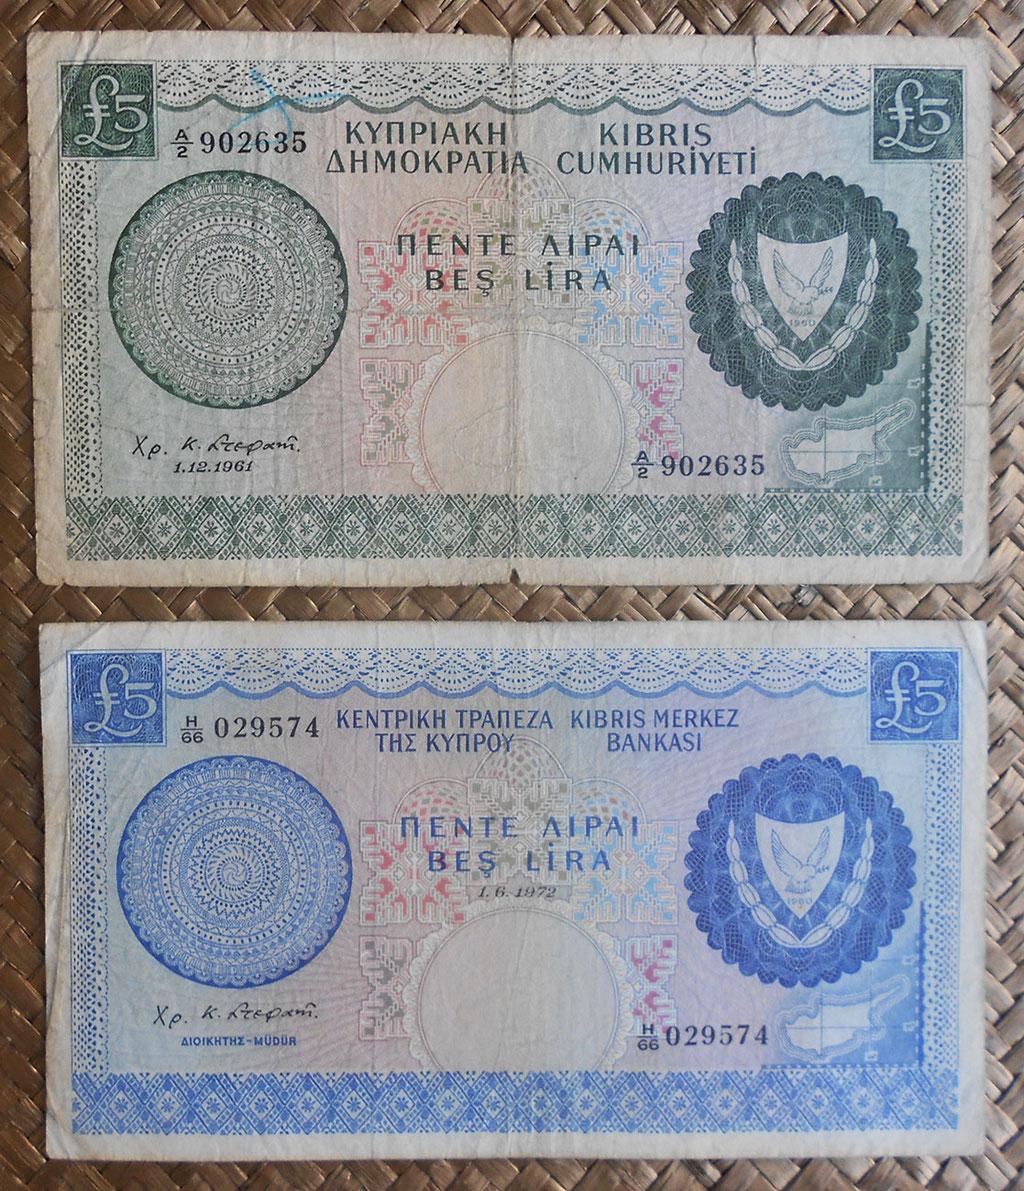 Chipre 5 libras 1961 vs. 1972 -Bordados y encajes- anversos